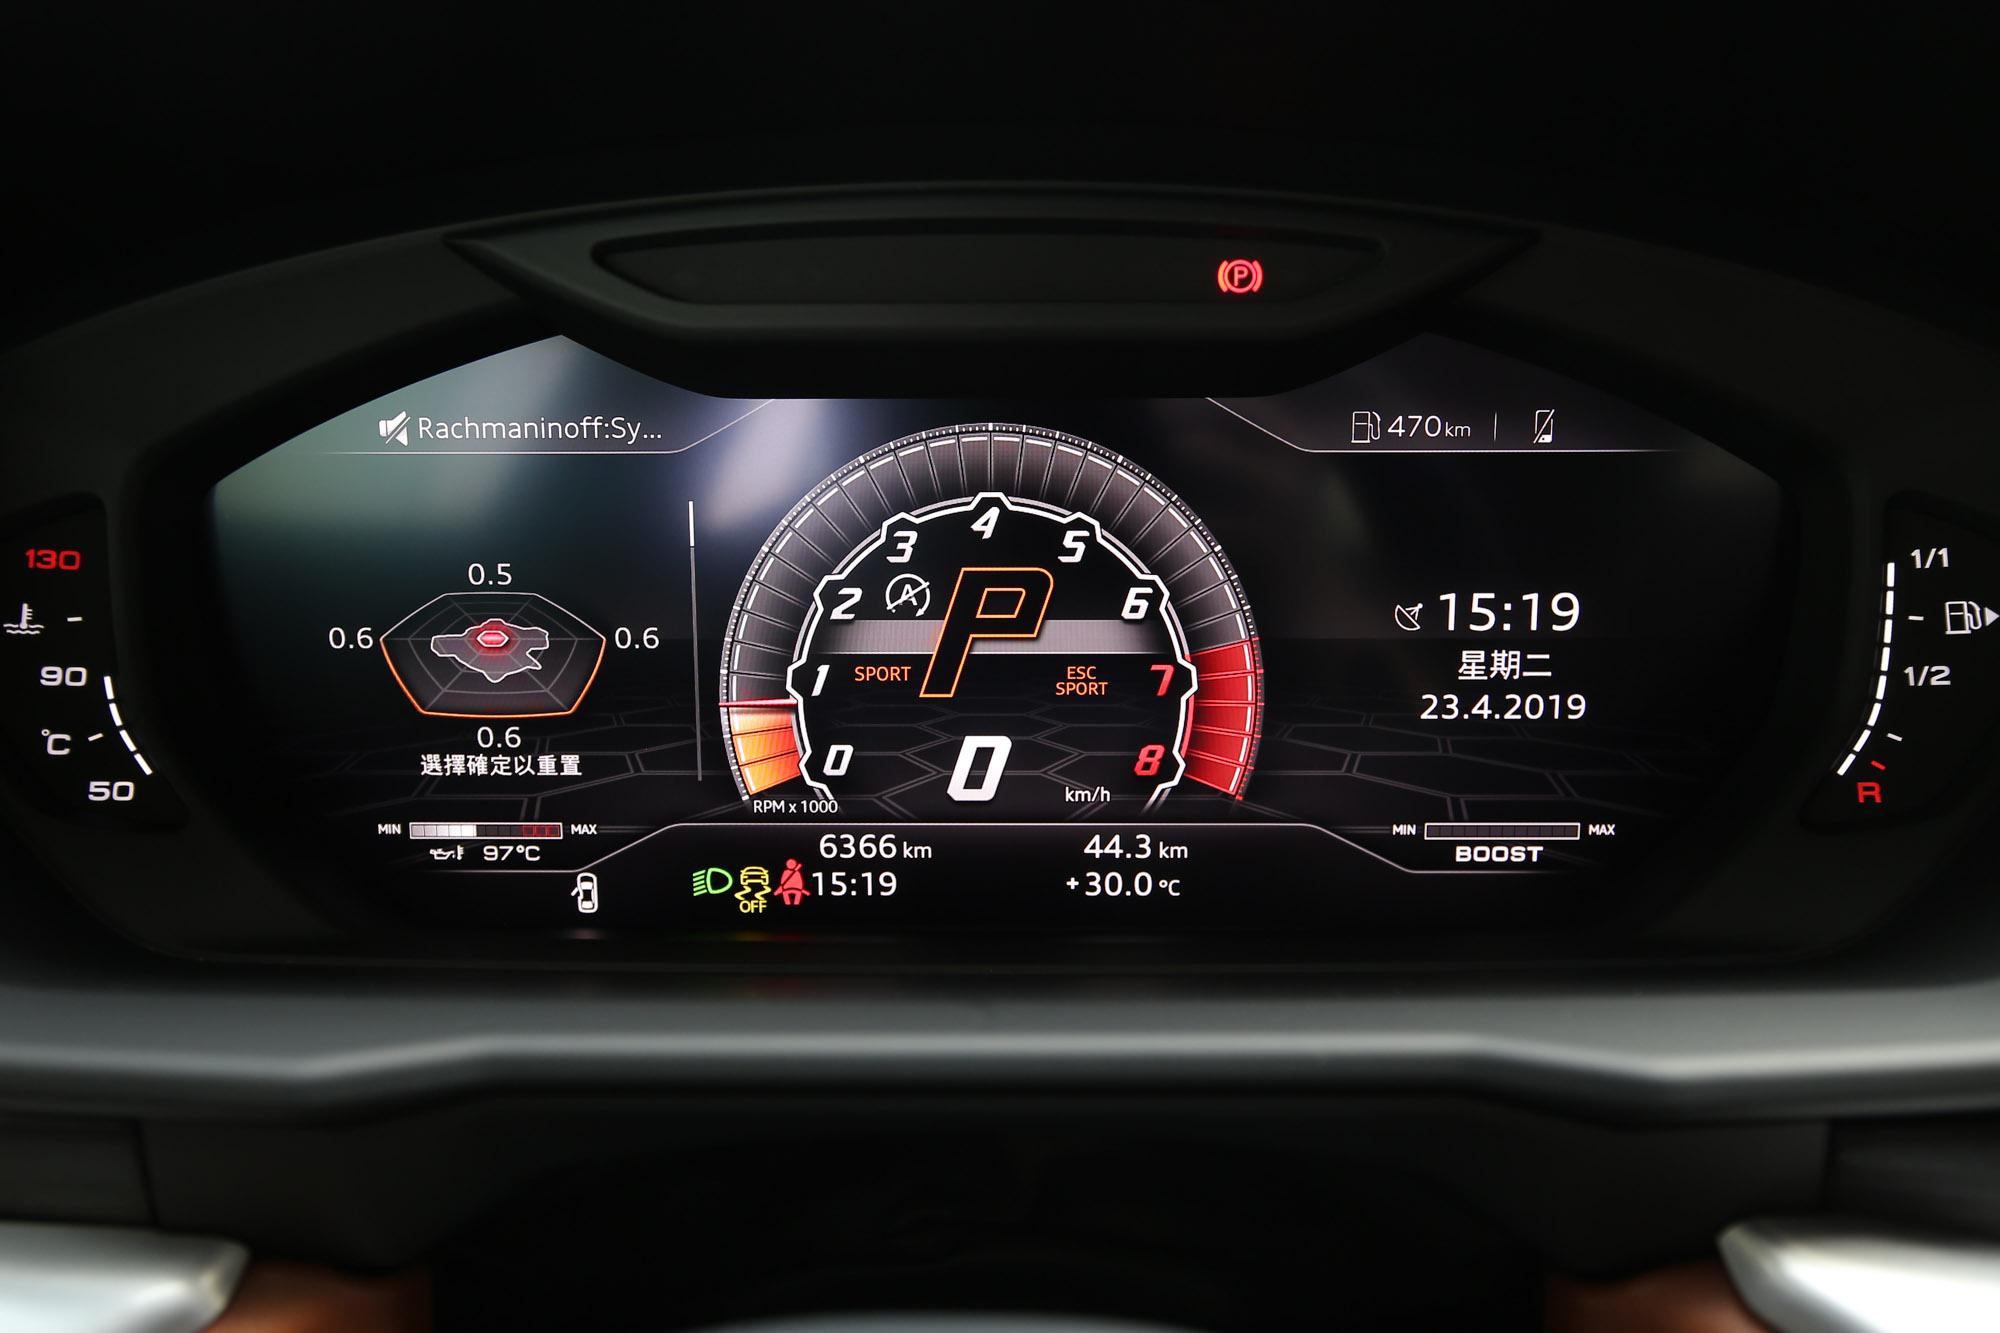 全數位儀表板的資訊介面設計的相當前衛,不意外的也可依照駕駛模式變換呈現風格。